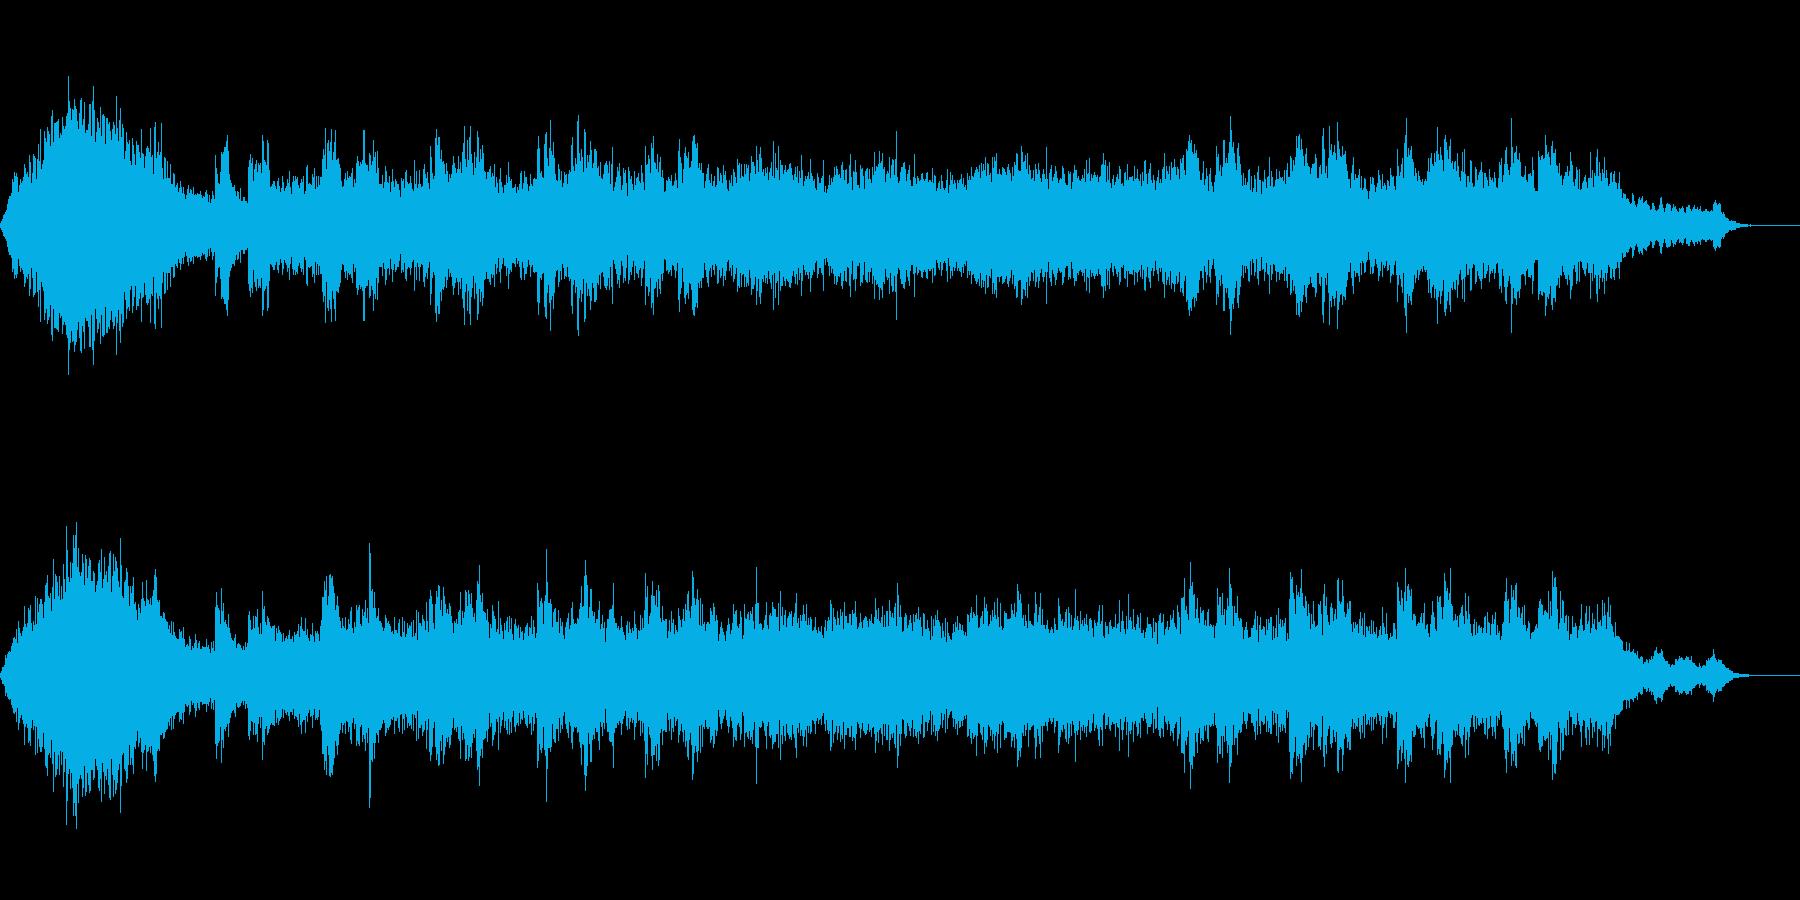 アンビエント環境音楽ヒーリング-06の再生済みの波形